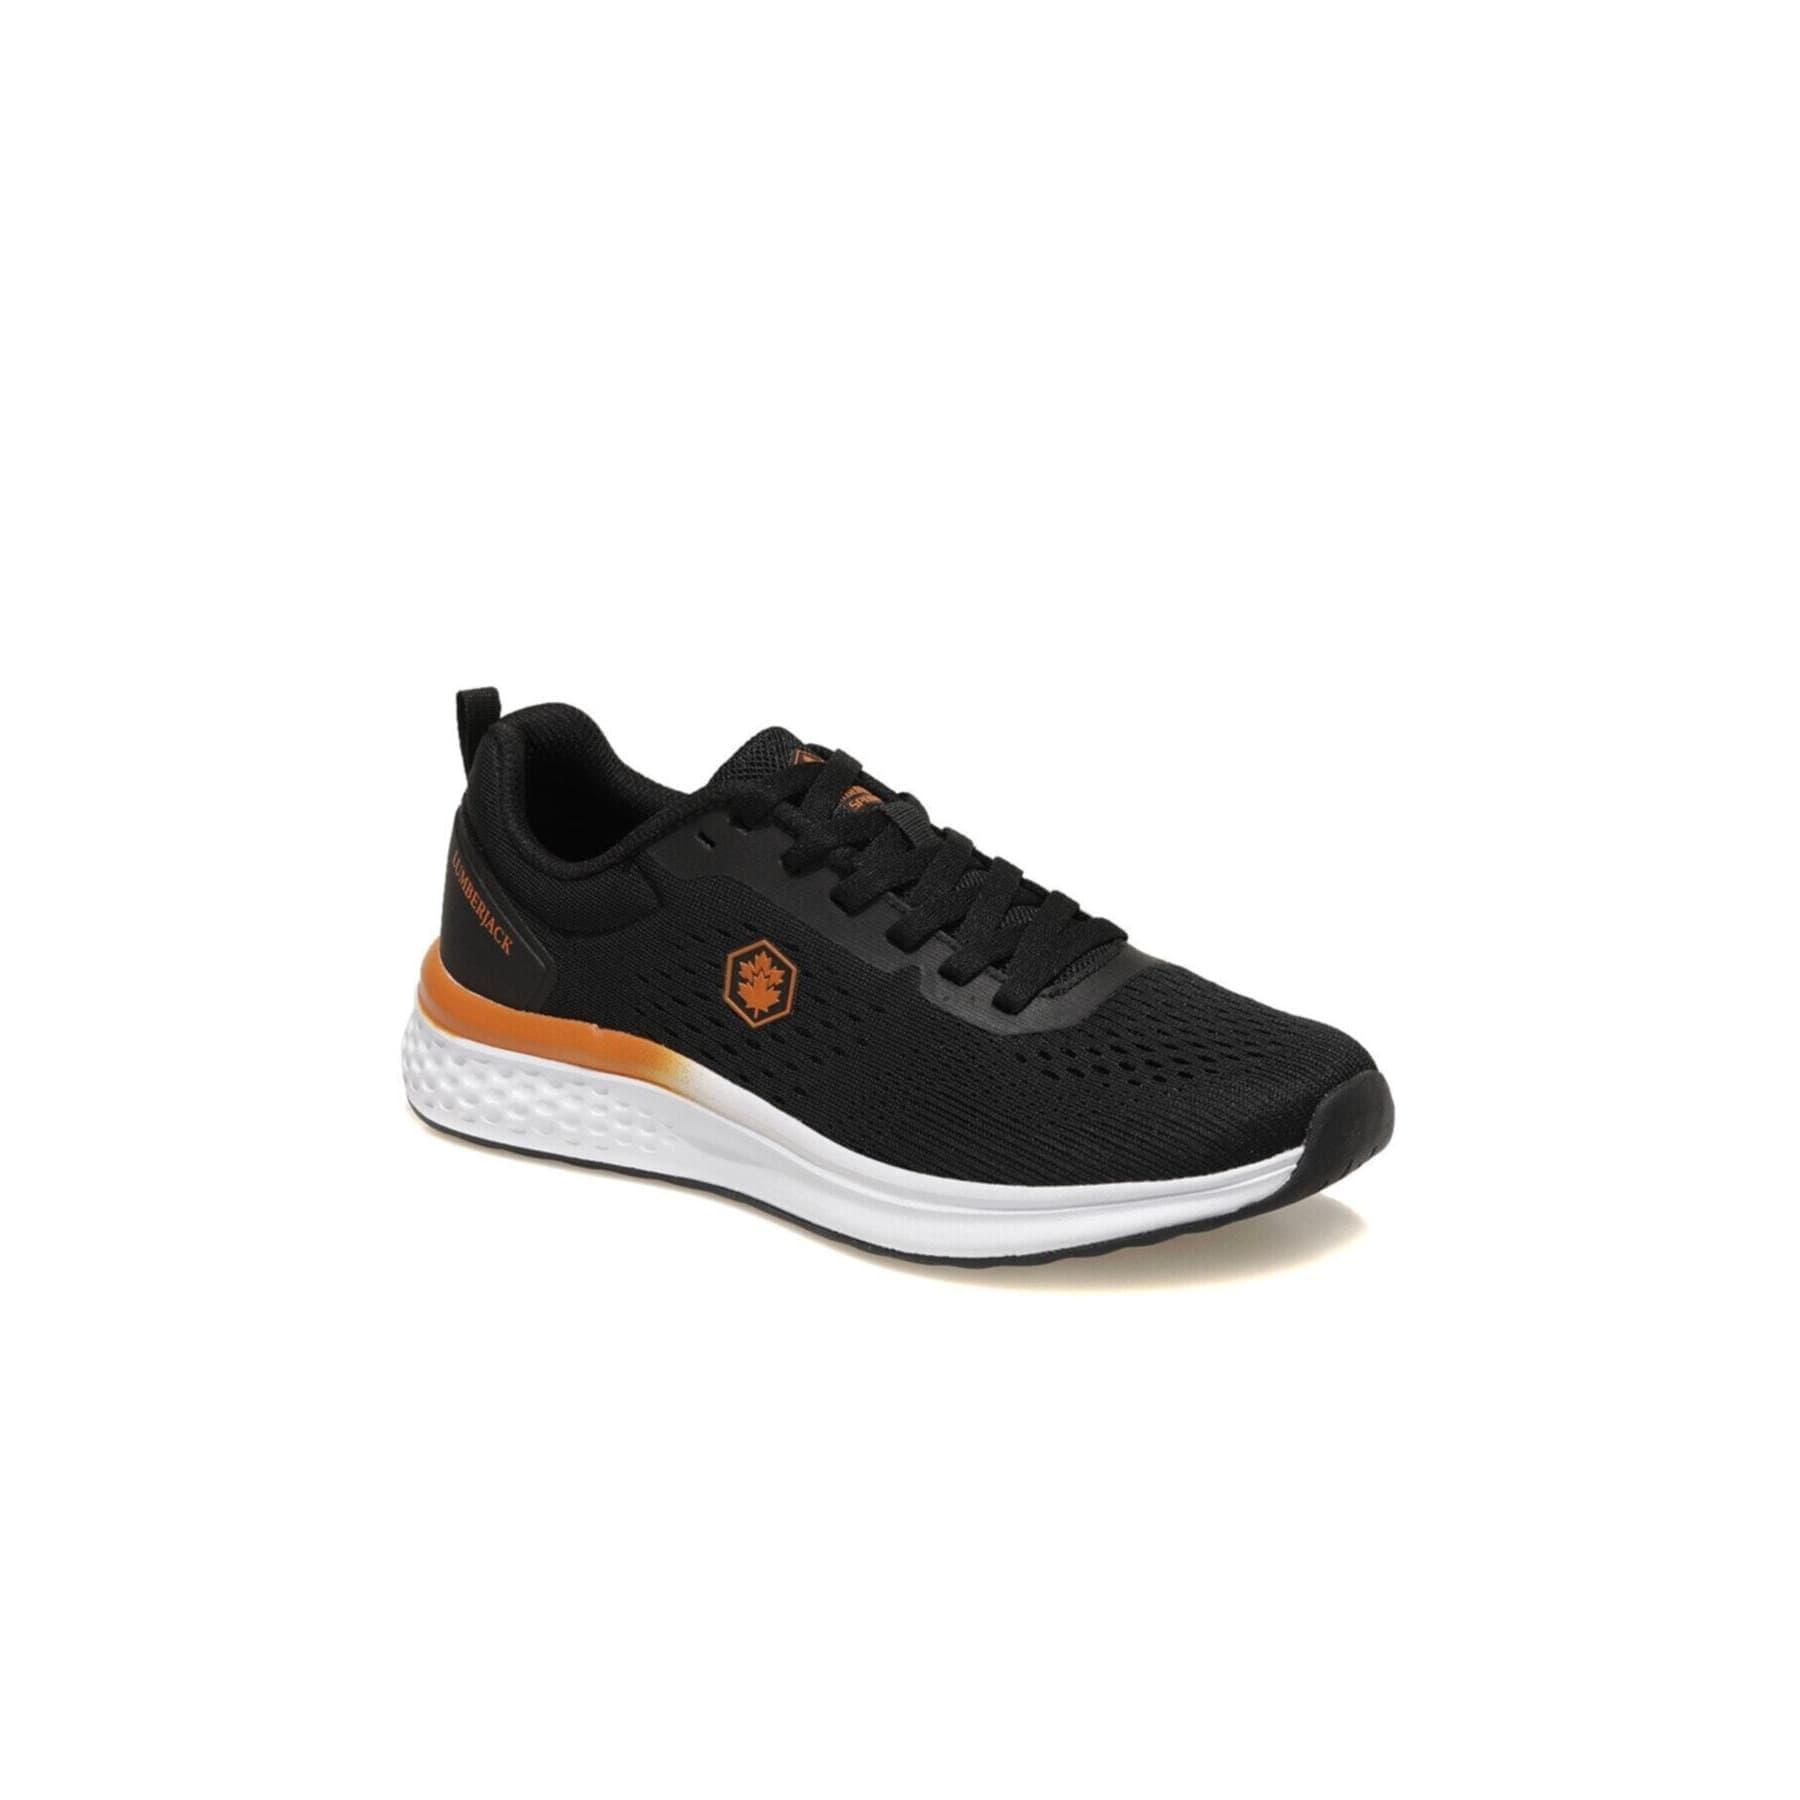 Ash Erkek Siyah Koşu Ayakkabısı (100601787)